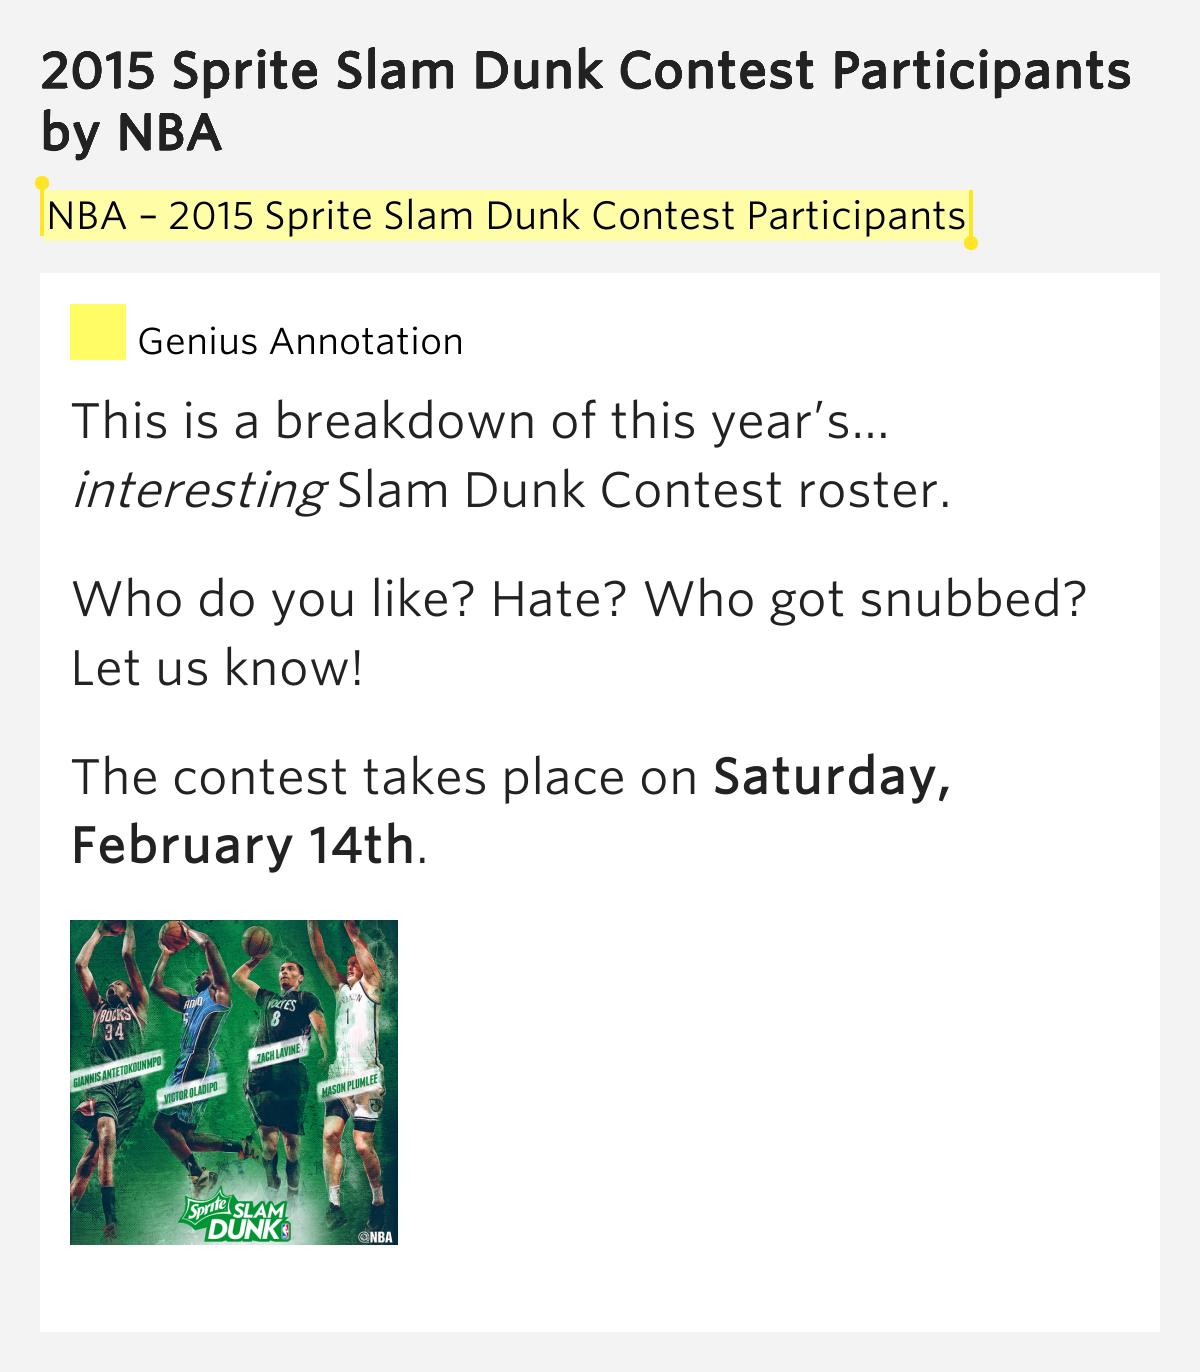 2015 Sprite Slam Dunk Contest Participants